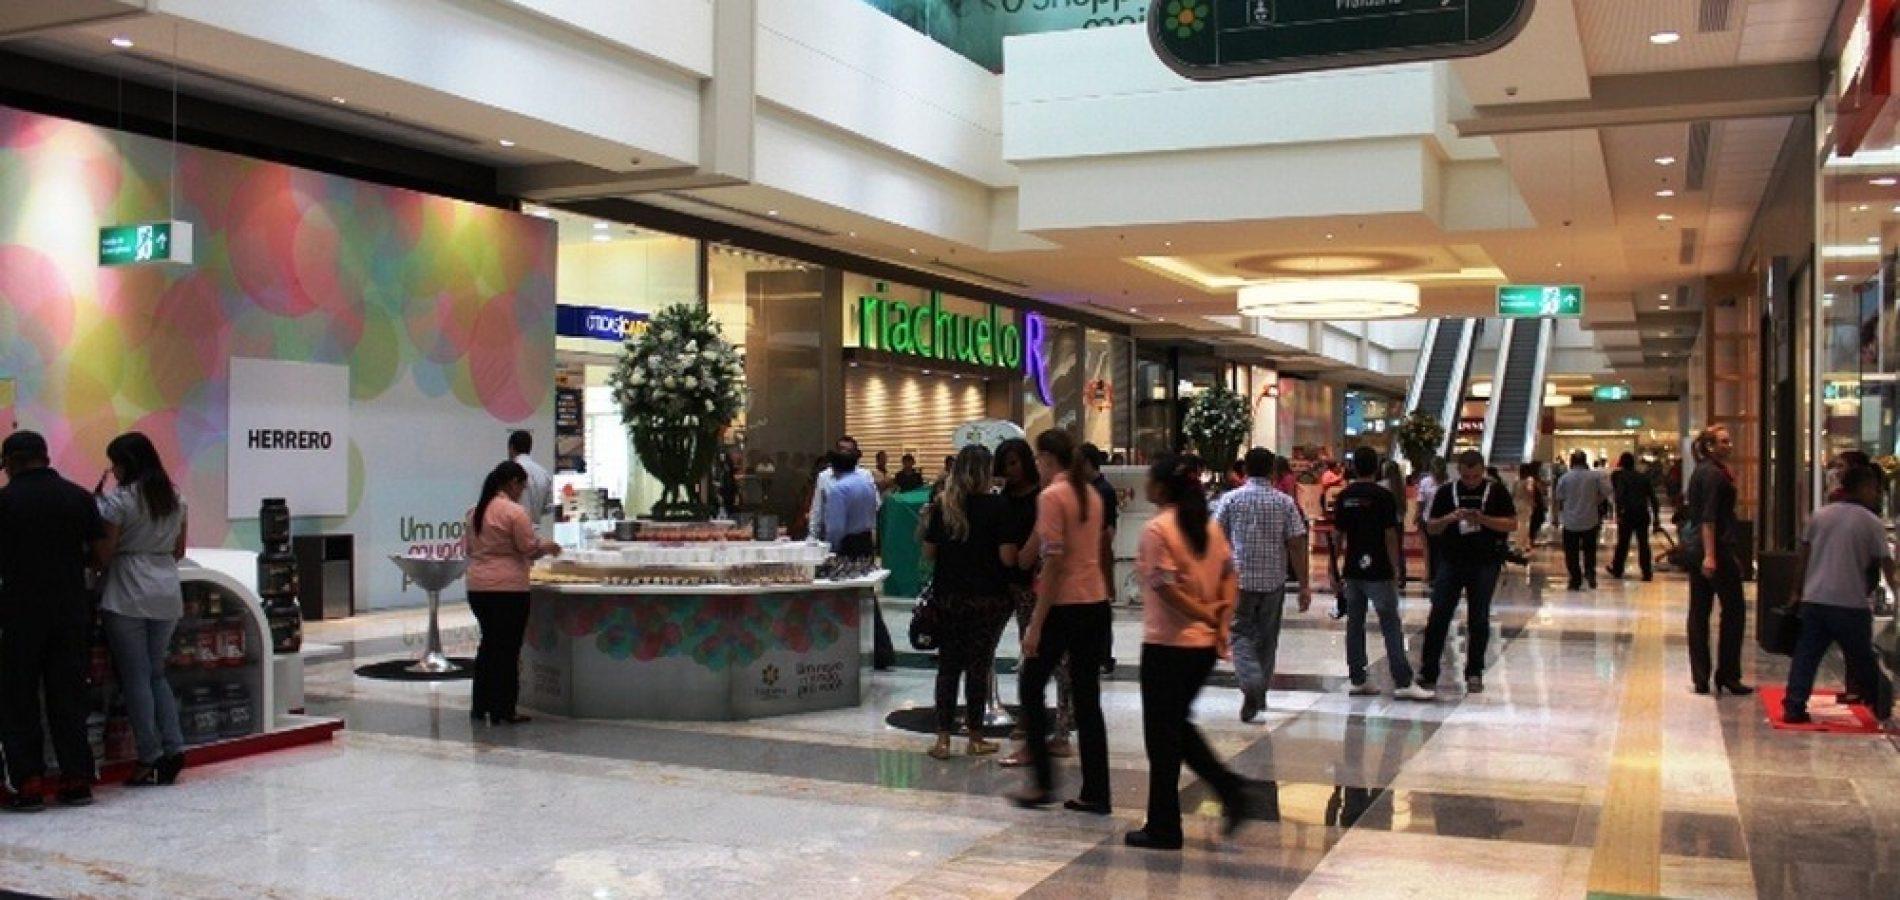 Shoppings e supermercados de Teresina recorrem e poderão abrir no feriado de Corpus Christi; veja horários